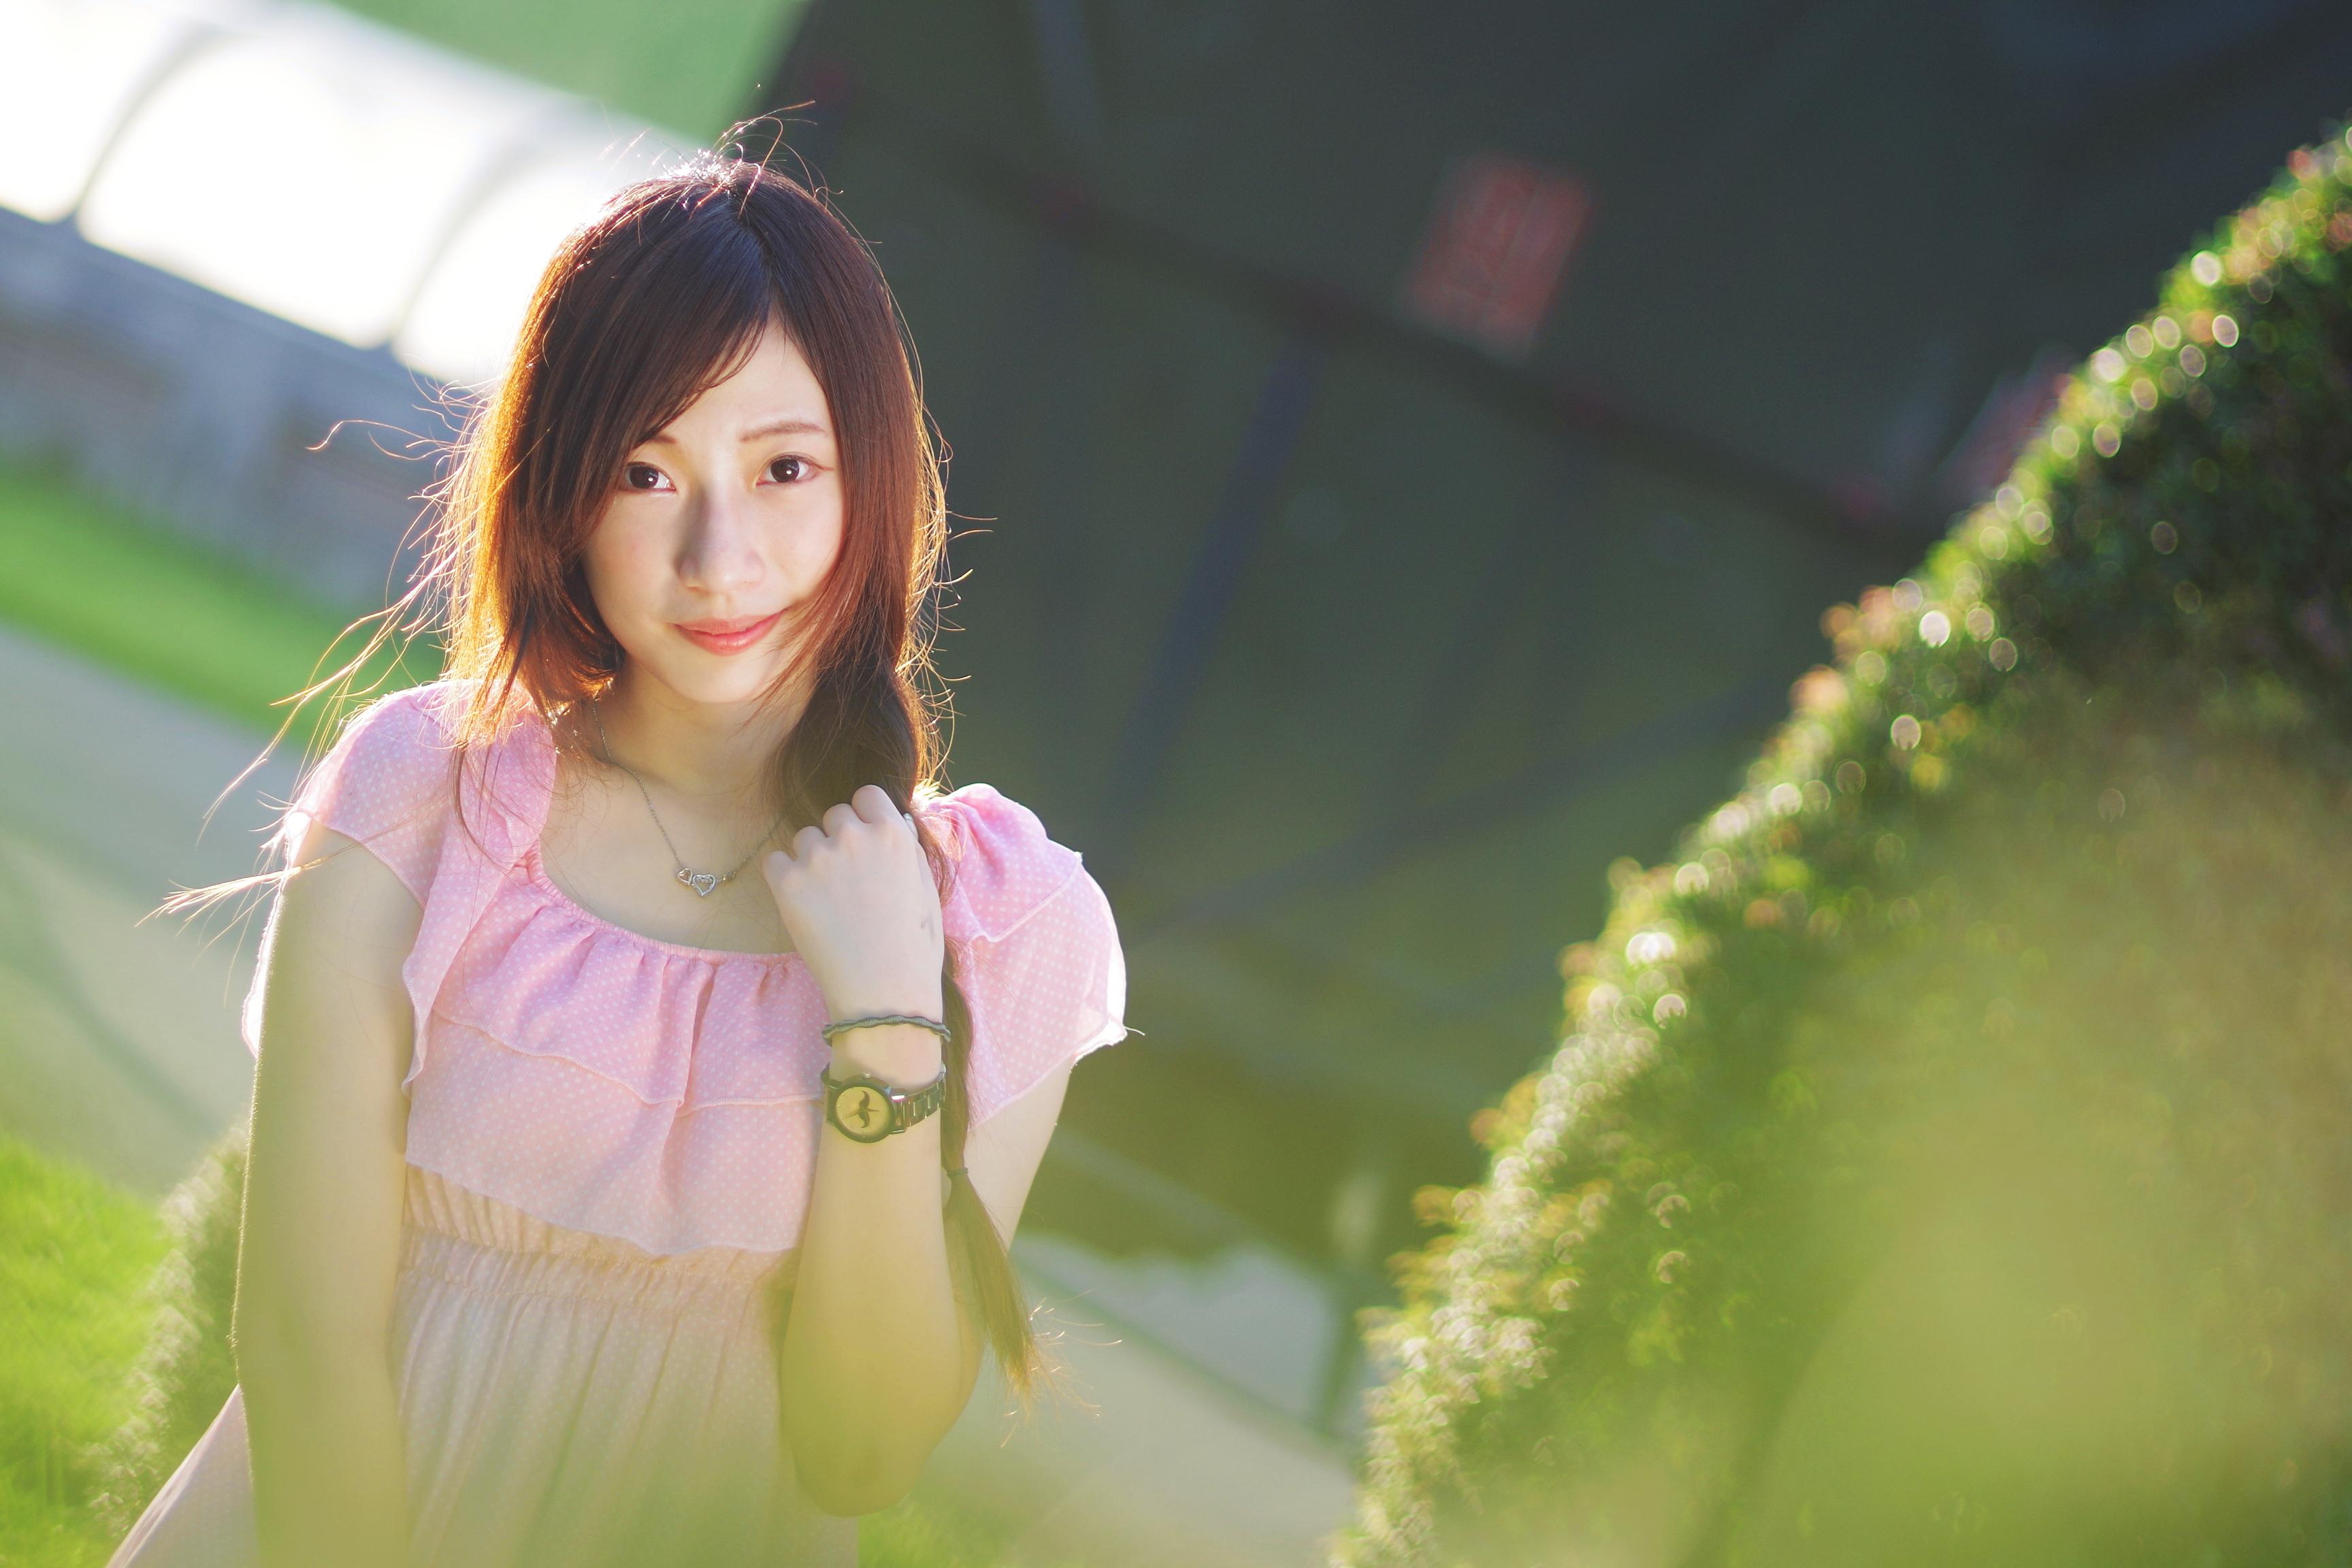 夏日小逆光 - 小玥